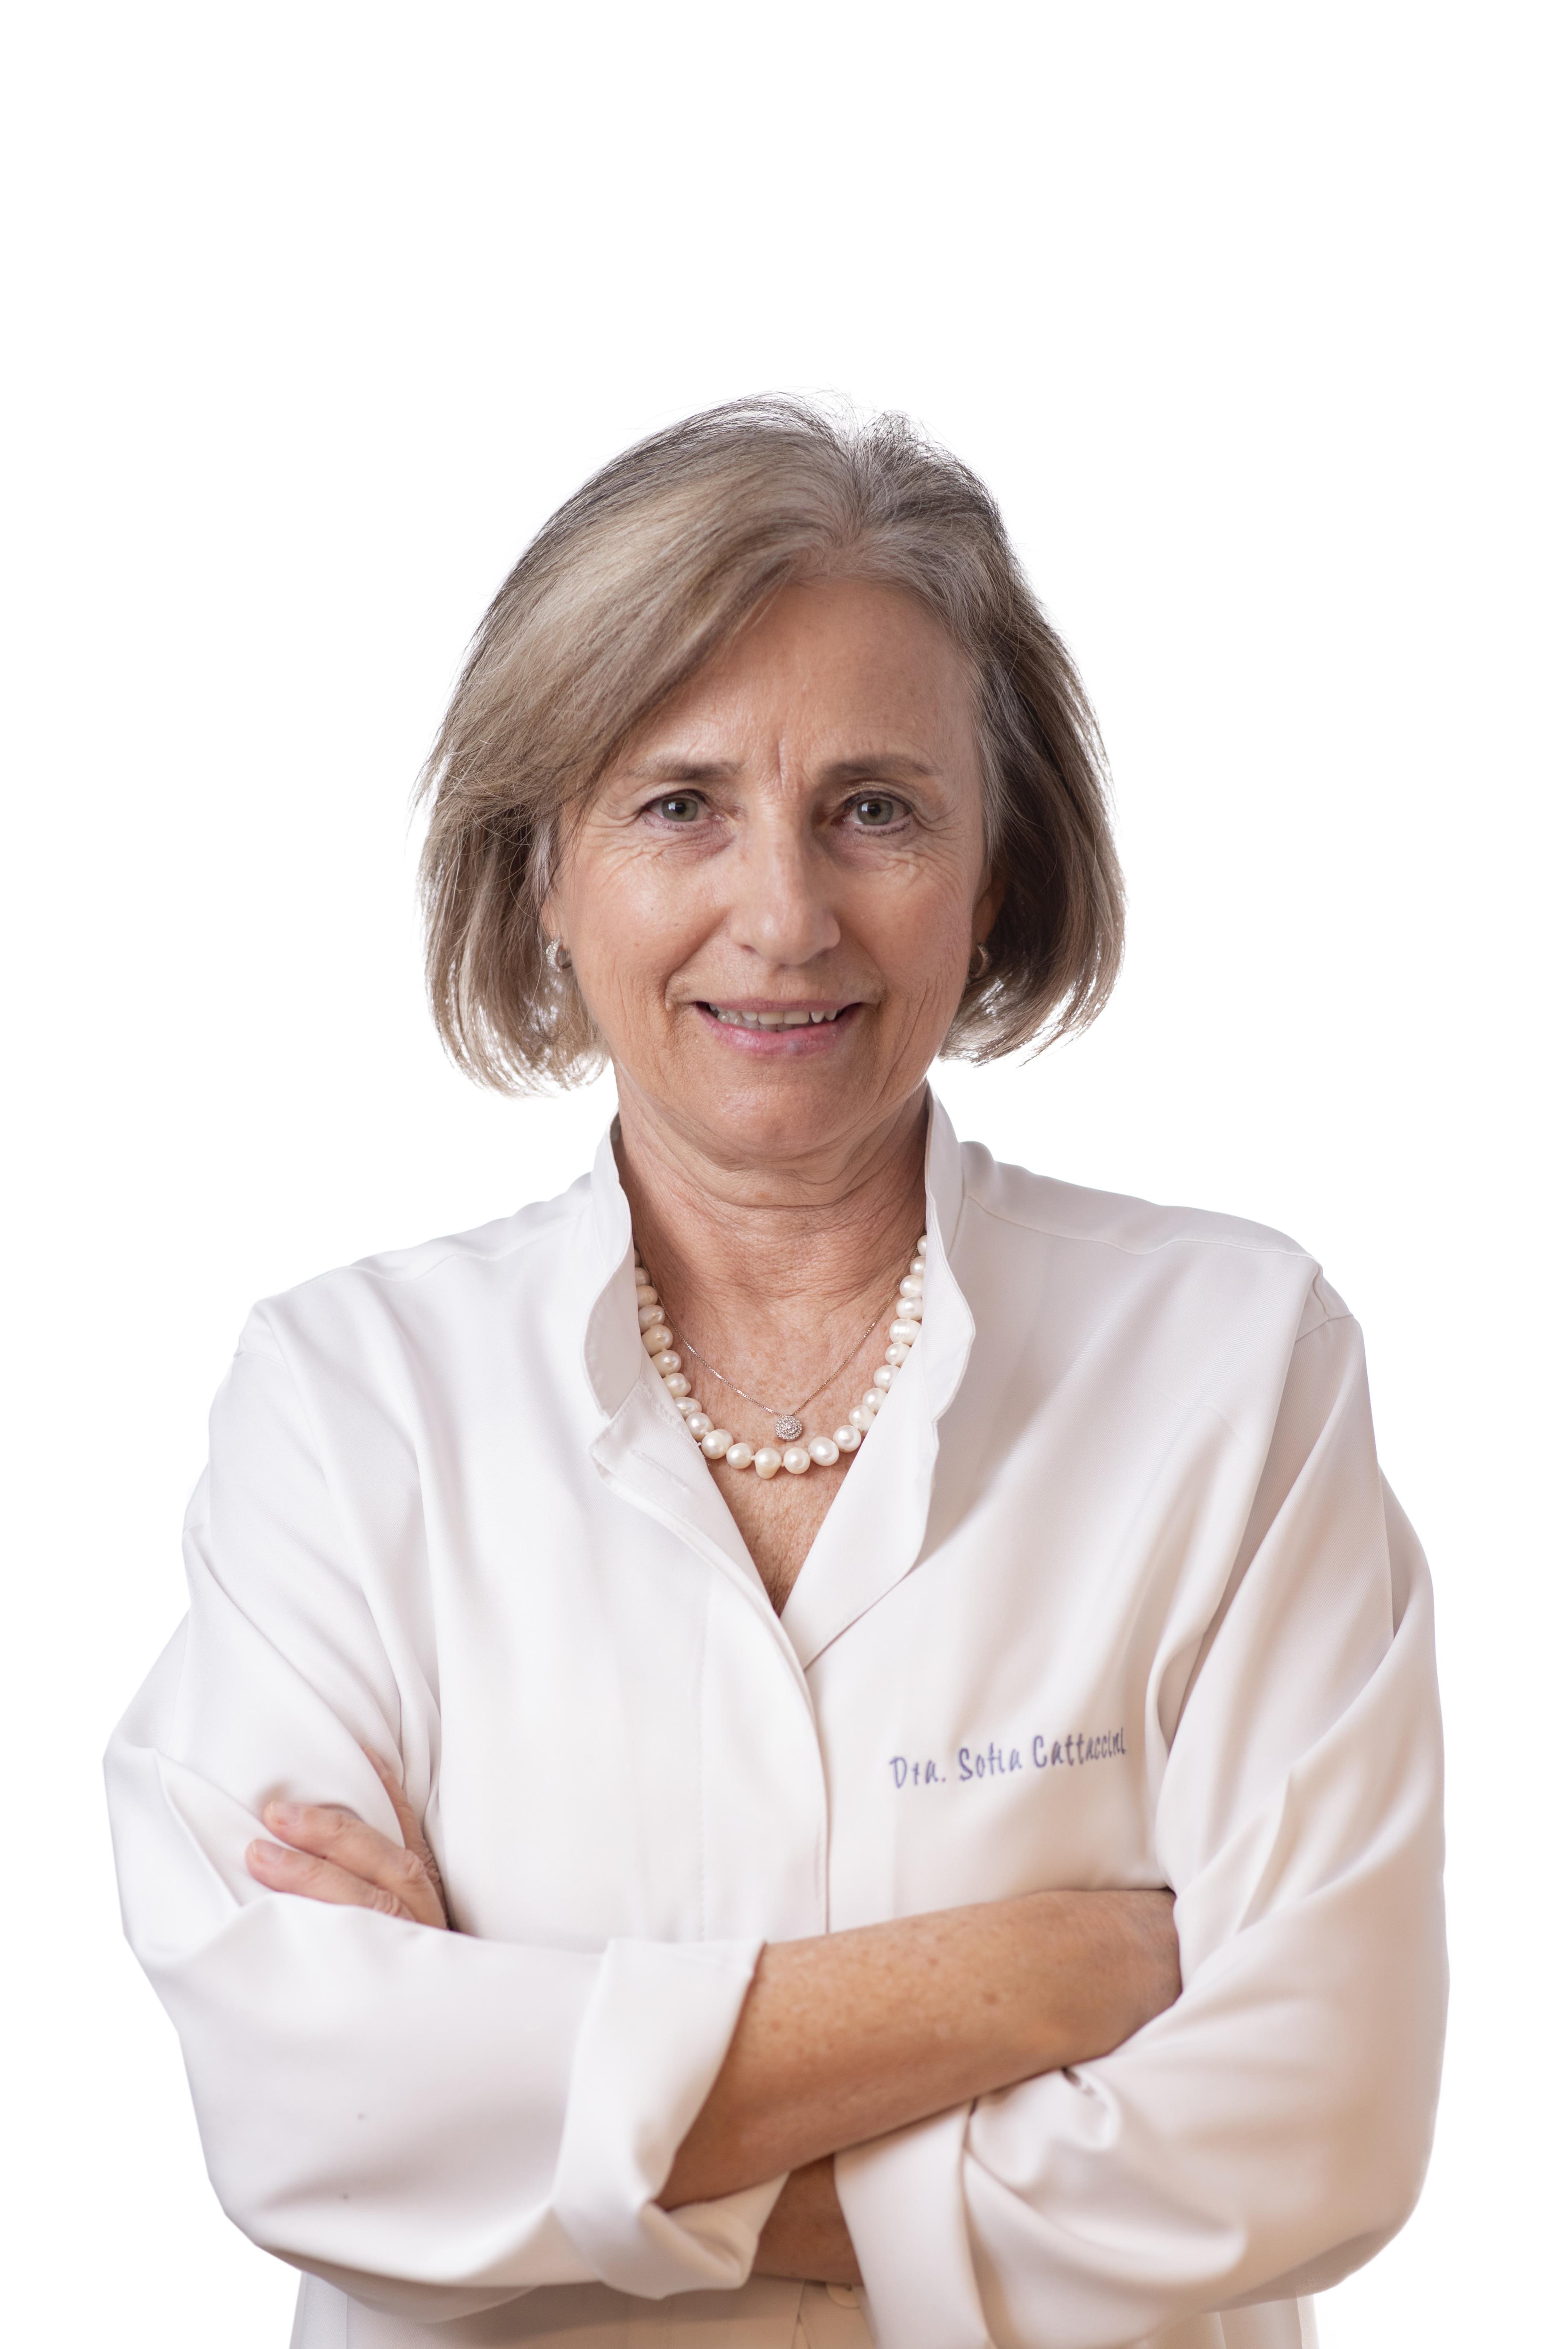 Dr.Sofia